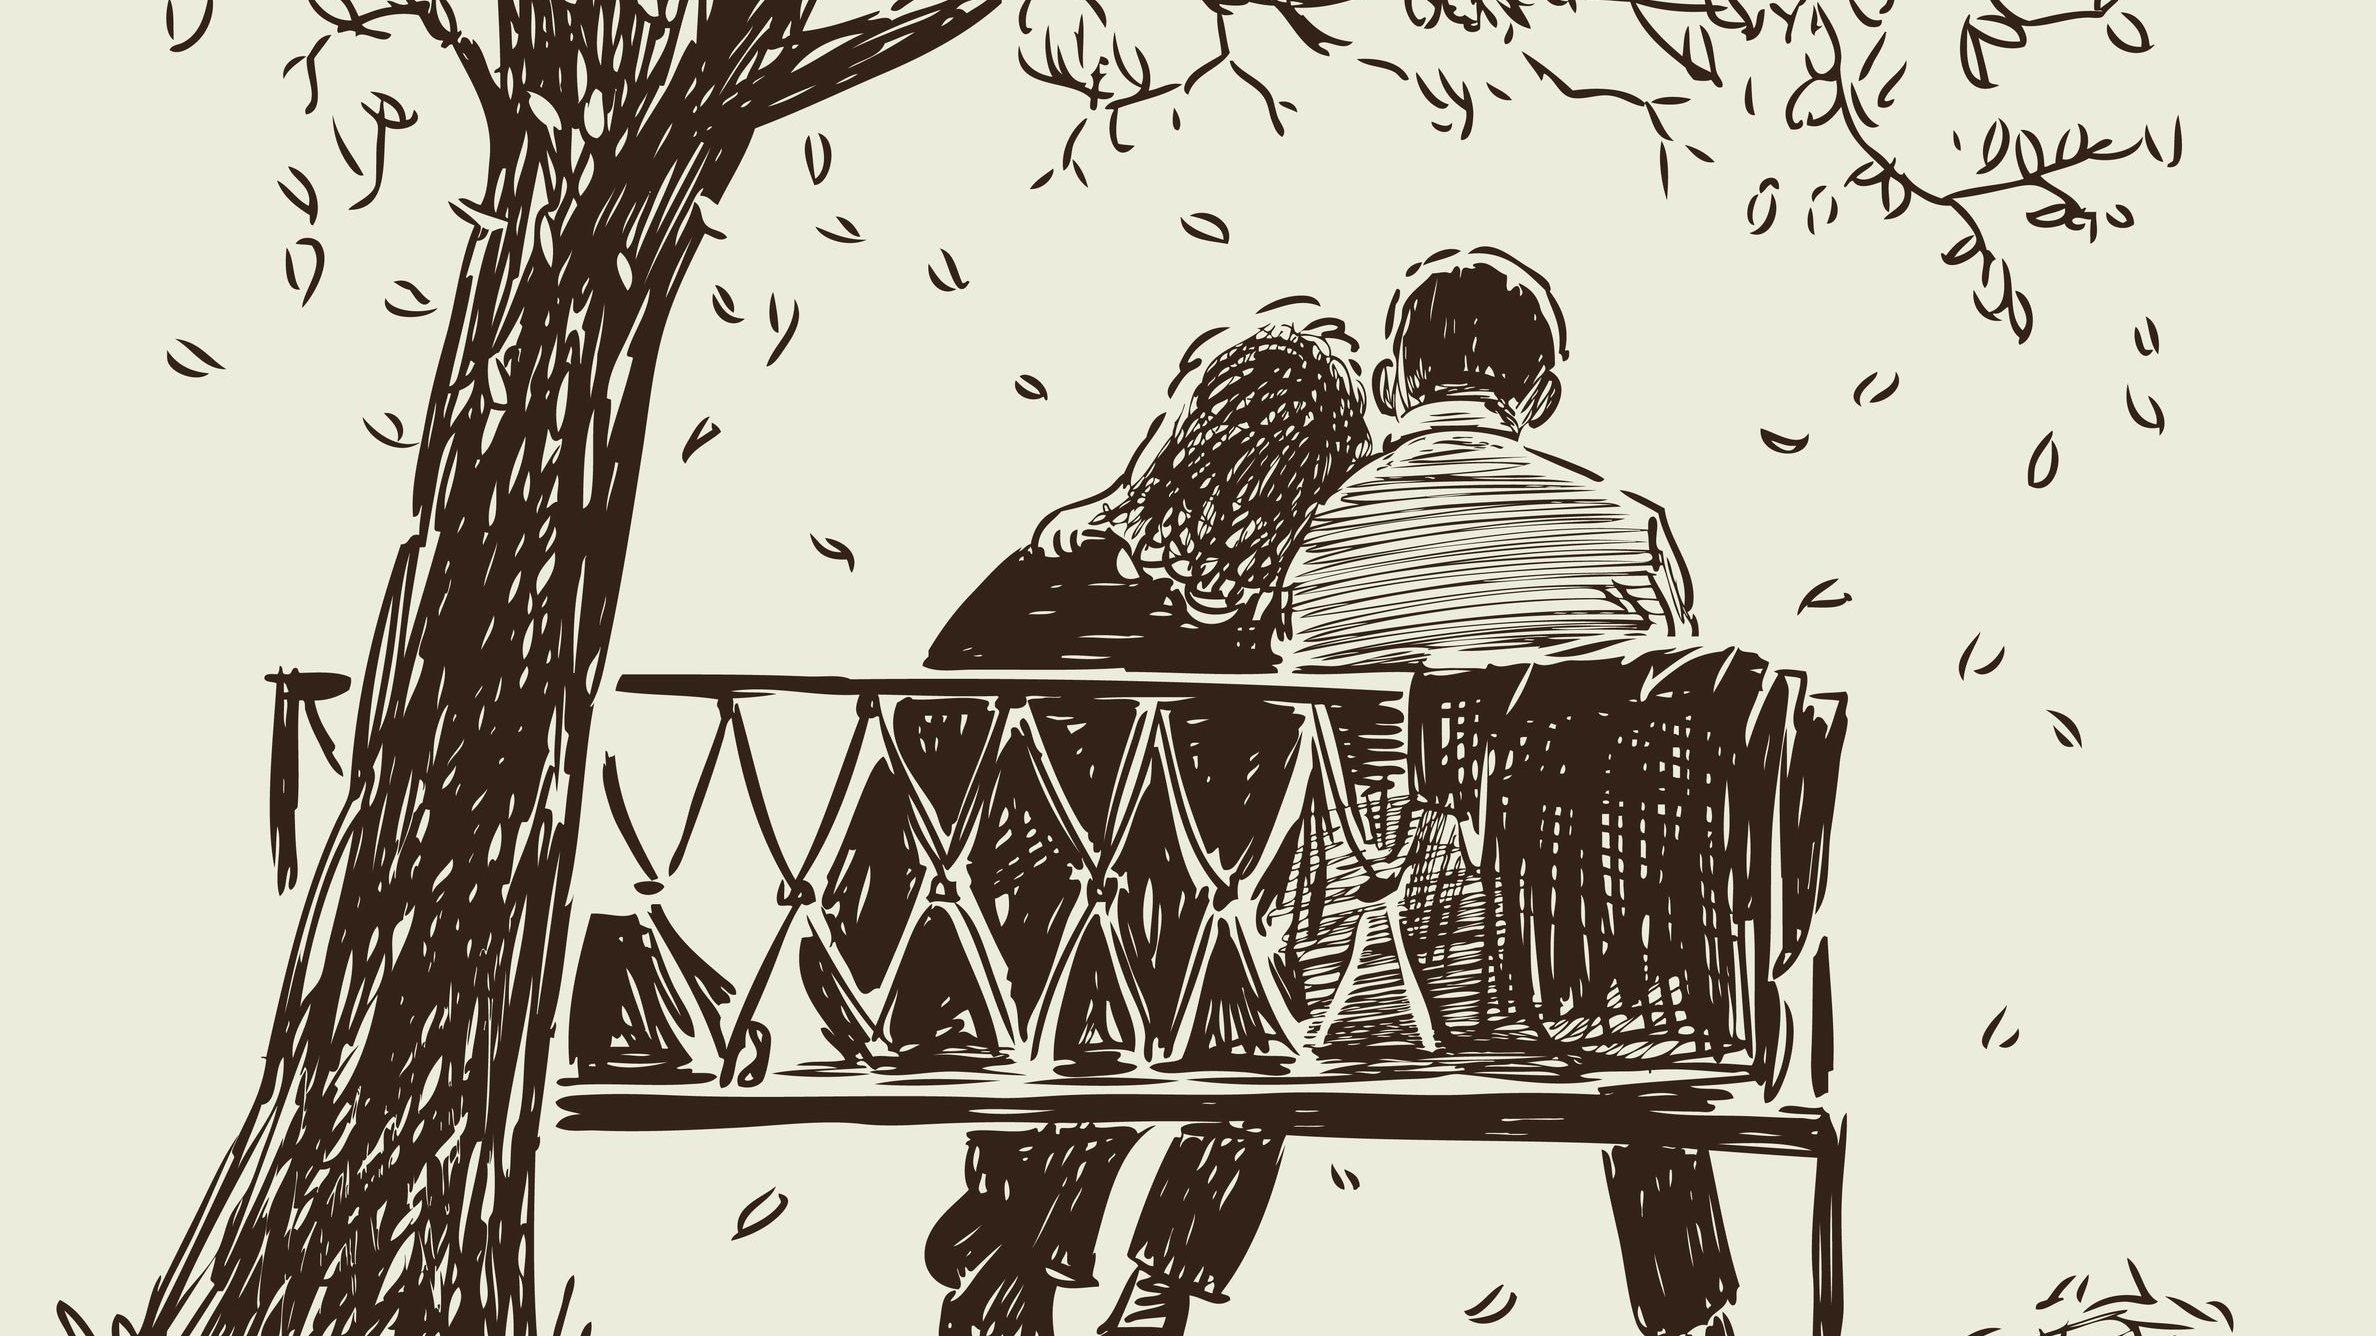 Desenho de um casal sentado debaixo de uma árvore